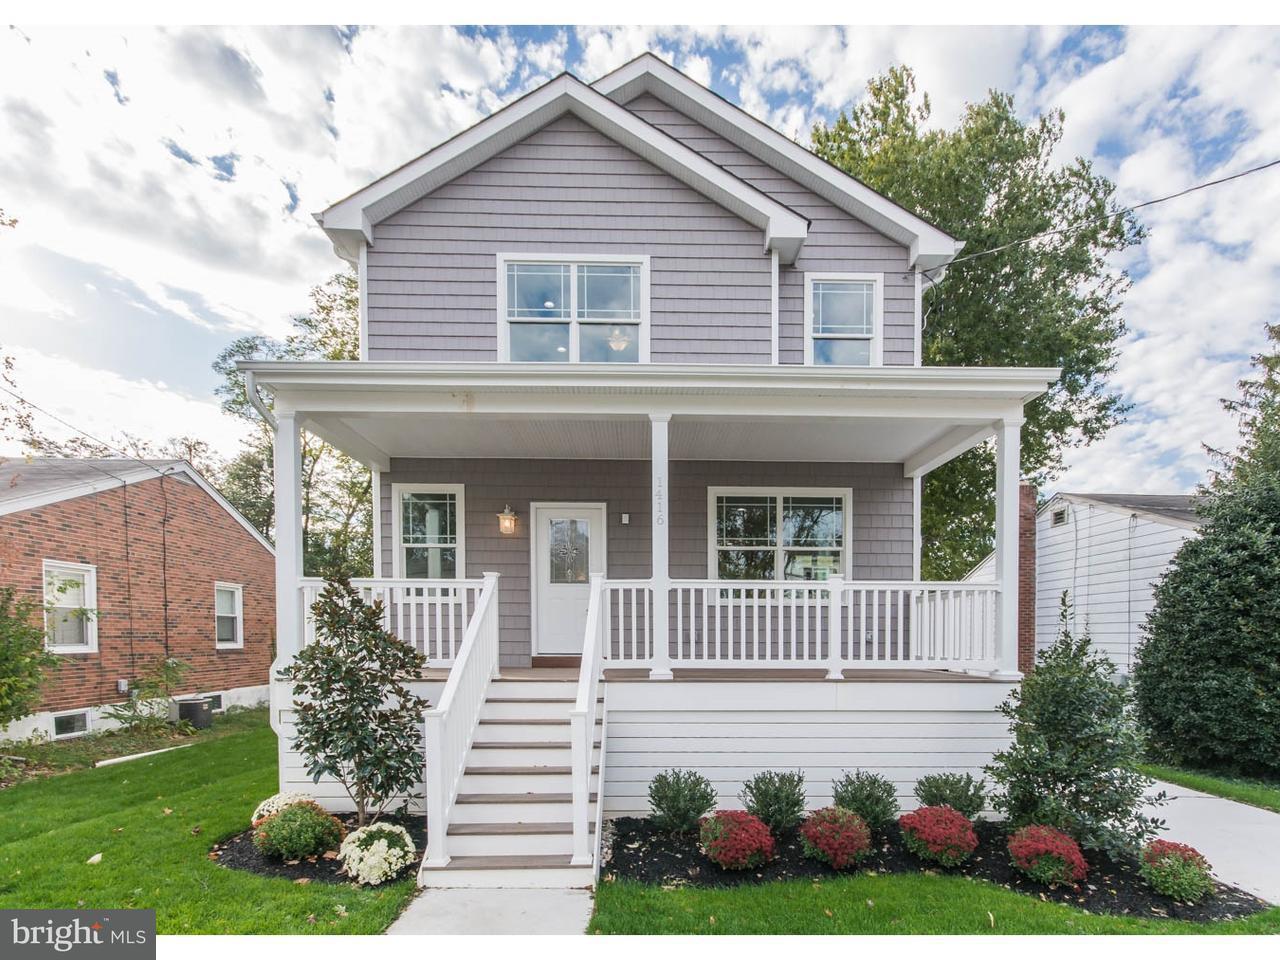 独户住宅 为 销售 在 1416 SYCAMORE Street Haddon Heights, 新泽西州 08035 美国